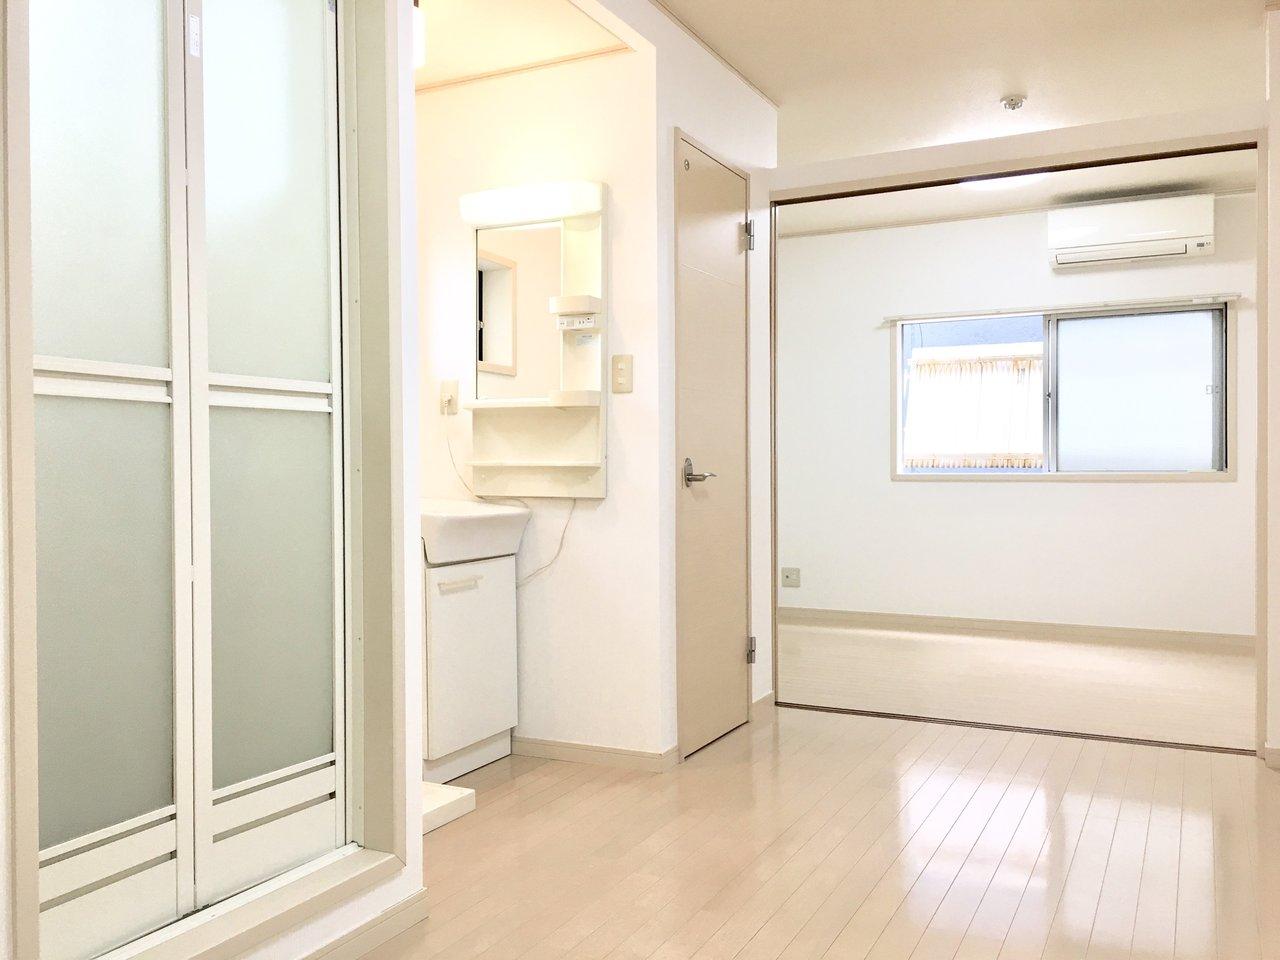 桜川駅から徒歩5分。1DKのお部屋です。7.5帖のリビングにはシャワー・トイレ・洗面台の水回りが横一列になっています。また角部屋なので、その特権として洗面台とトイレにも小窓があって風通しはバッチリ!